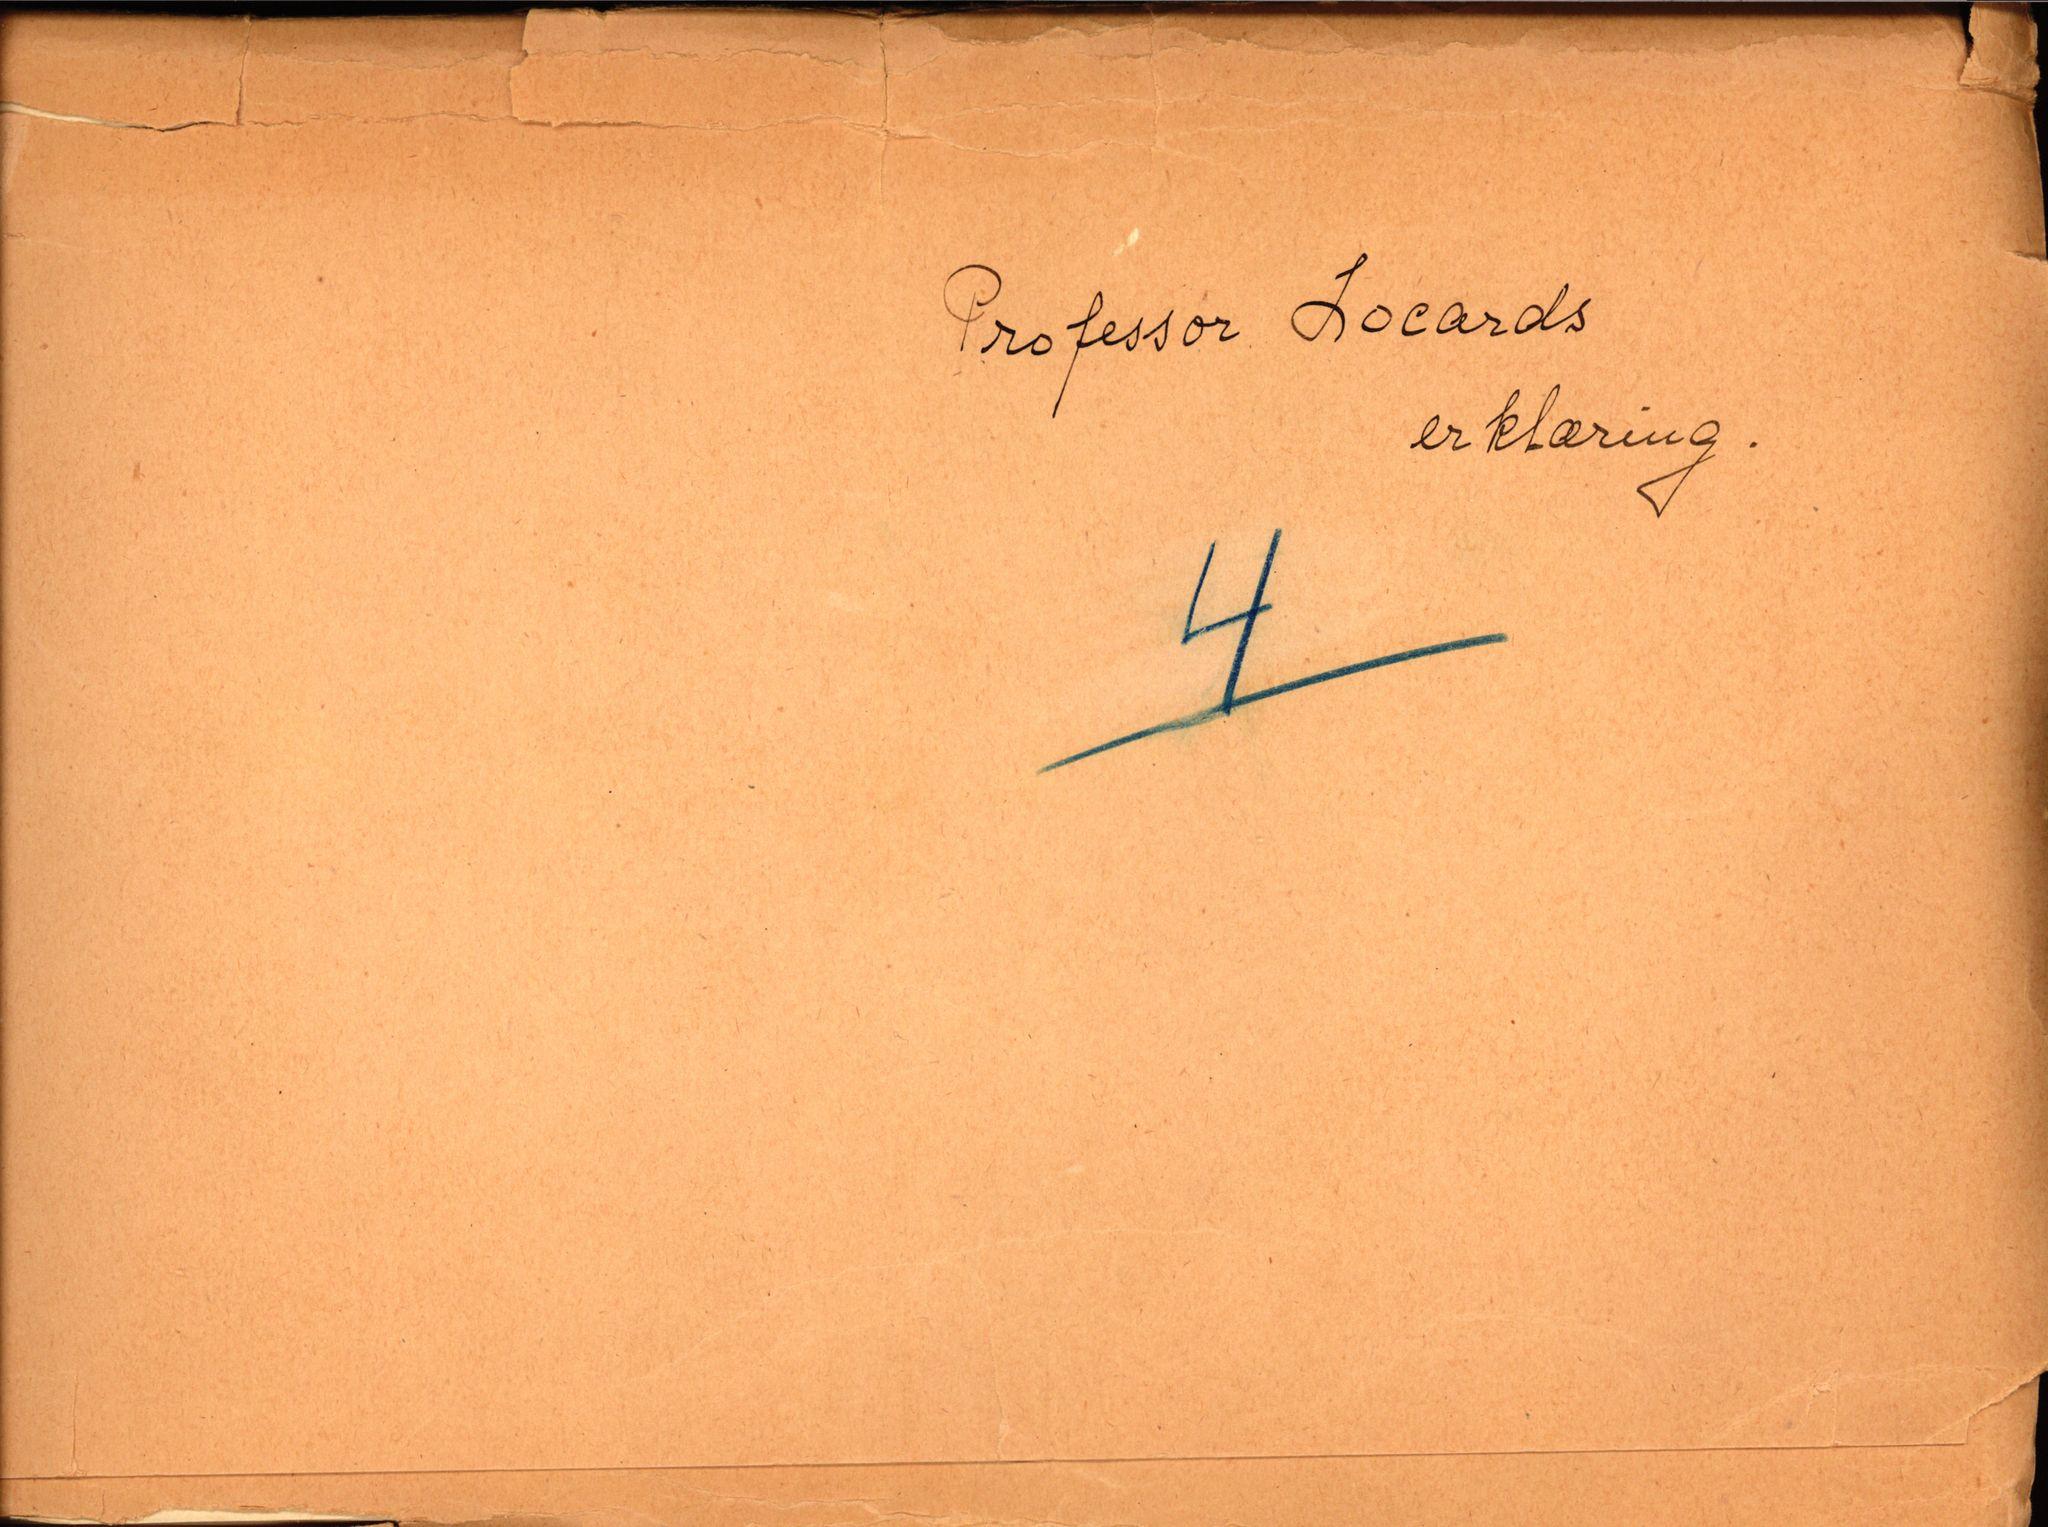 RA, Landssvikarkivet, Arendal politikammer, D/Dc/L0029: Anr. 192/45, 1945-1951, s. 2334